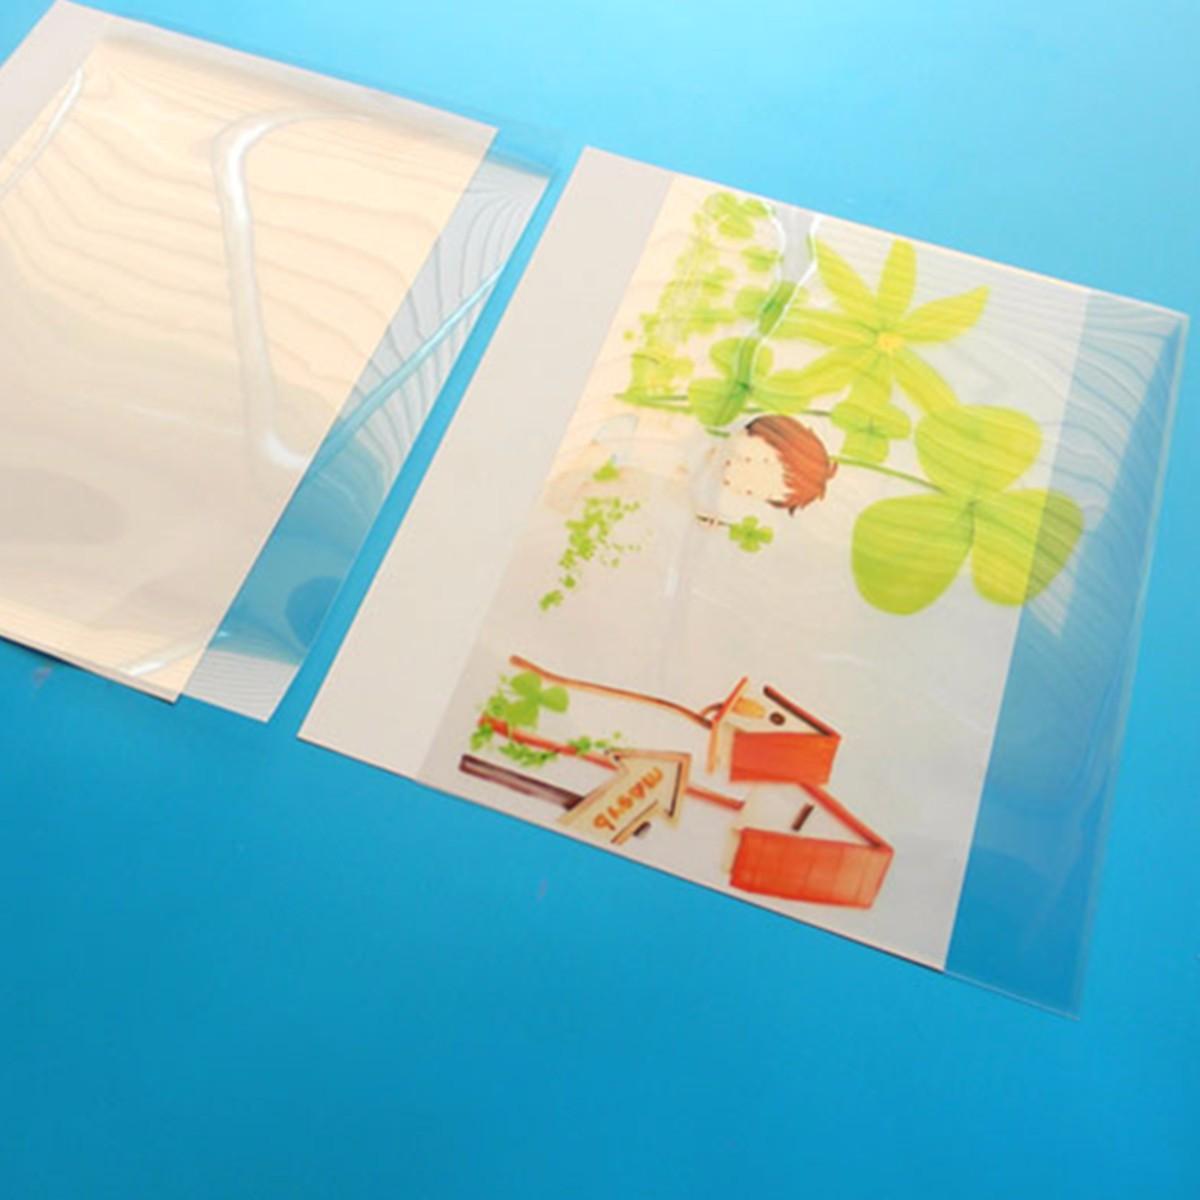 20 листов трафаретной печати прозрачность струйной пленки бумага PCB шаблон для печати дизайн струйной пленки сохраняет толщину чернил 0,12 мм